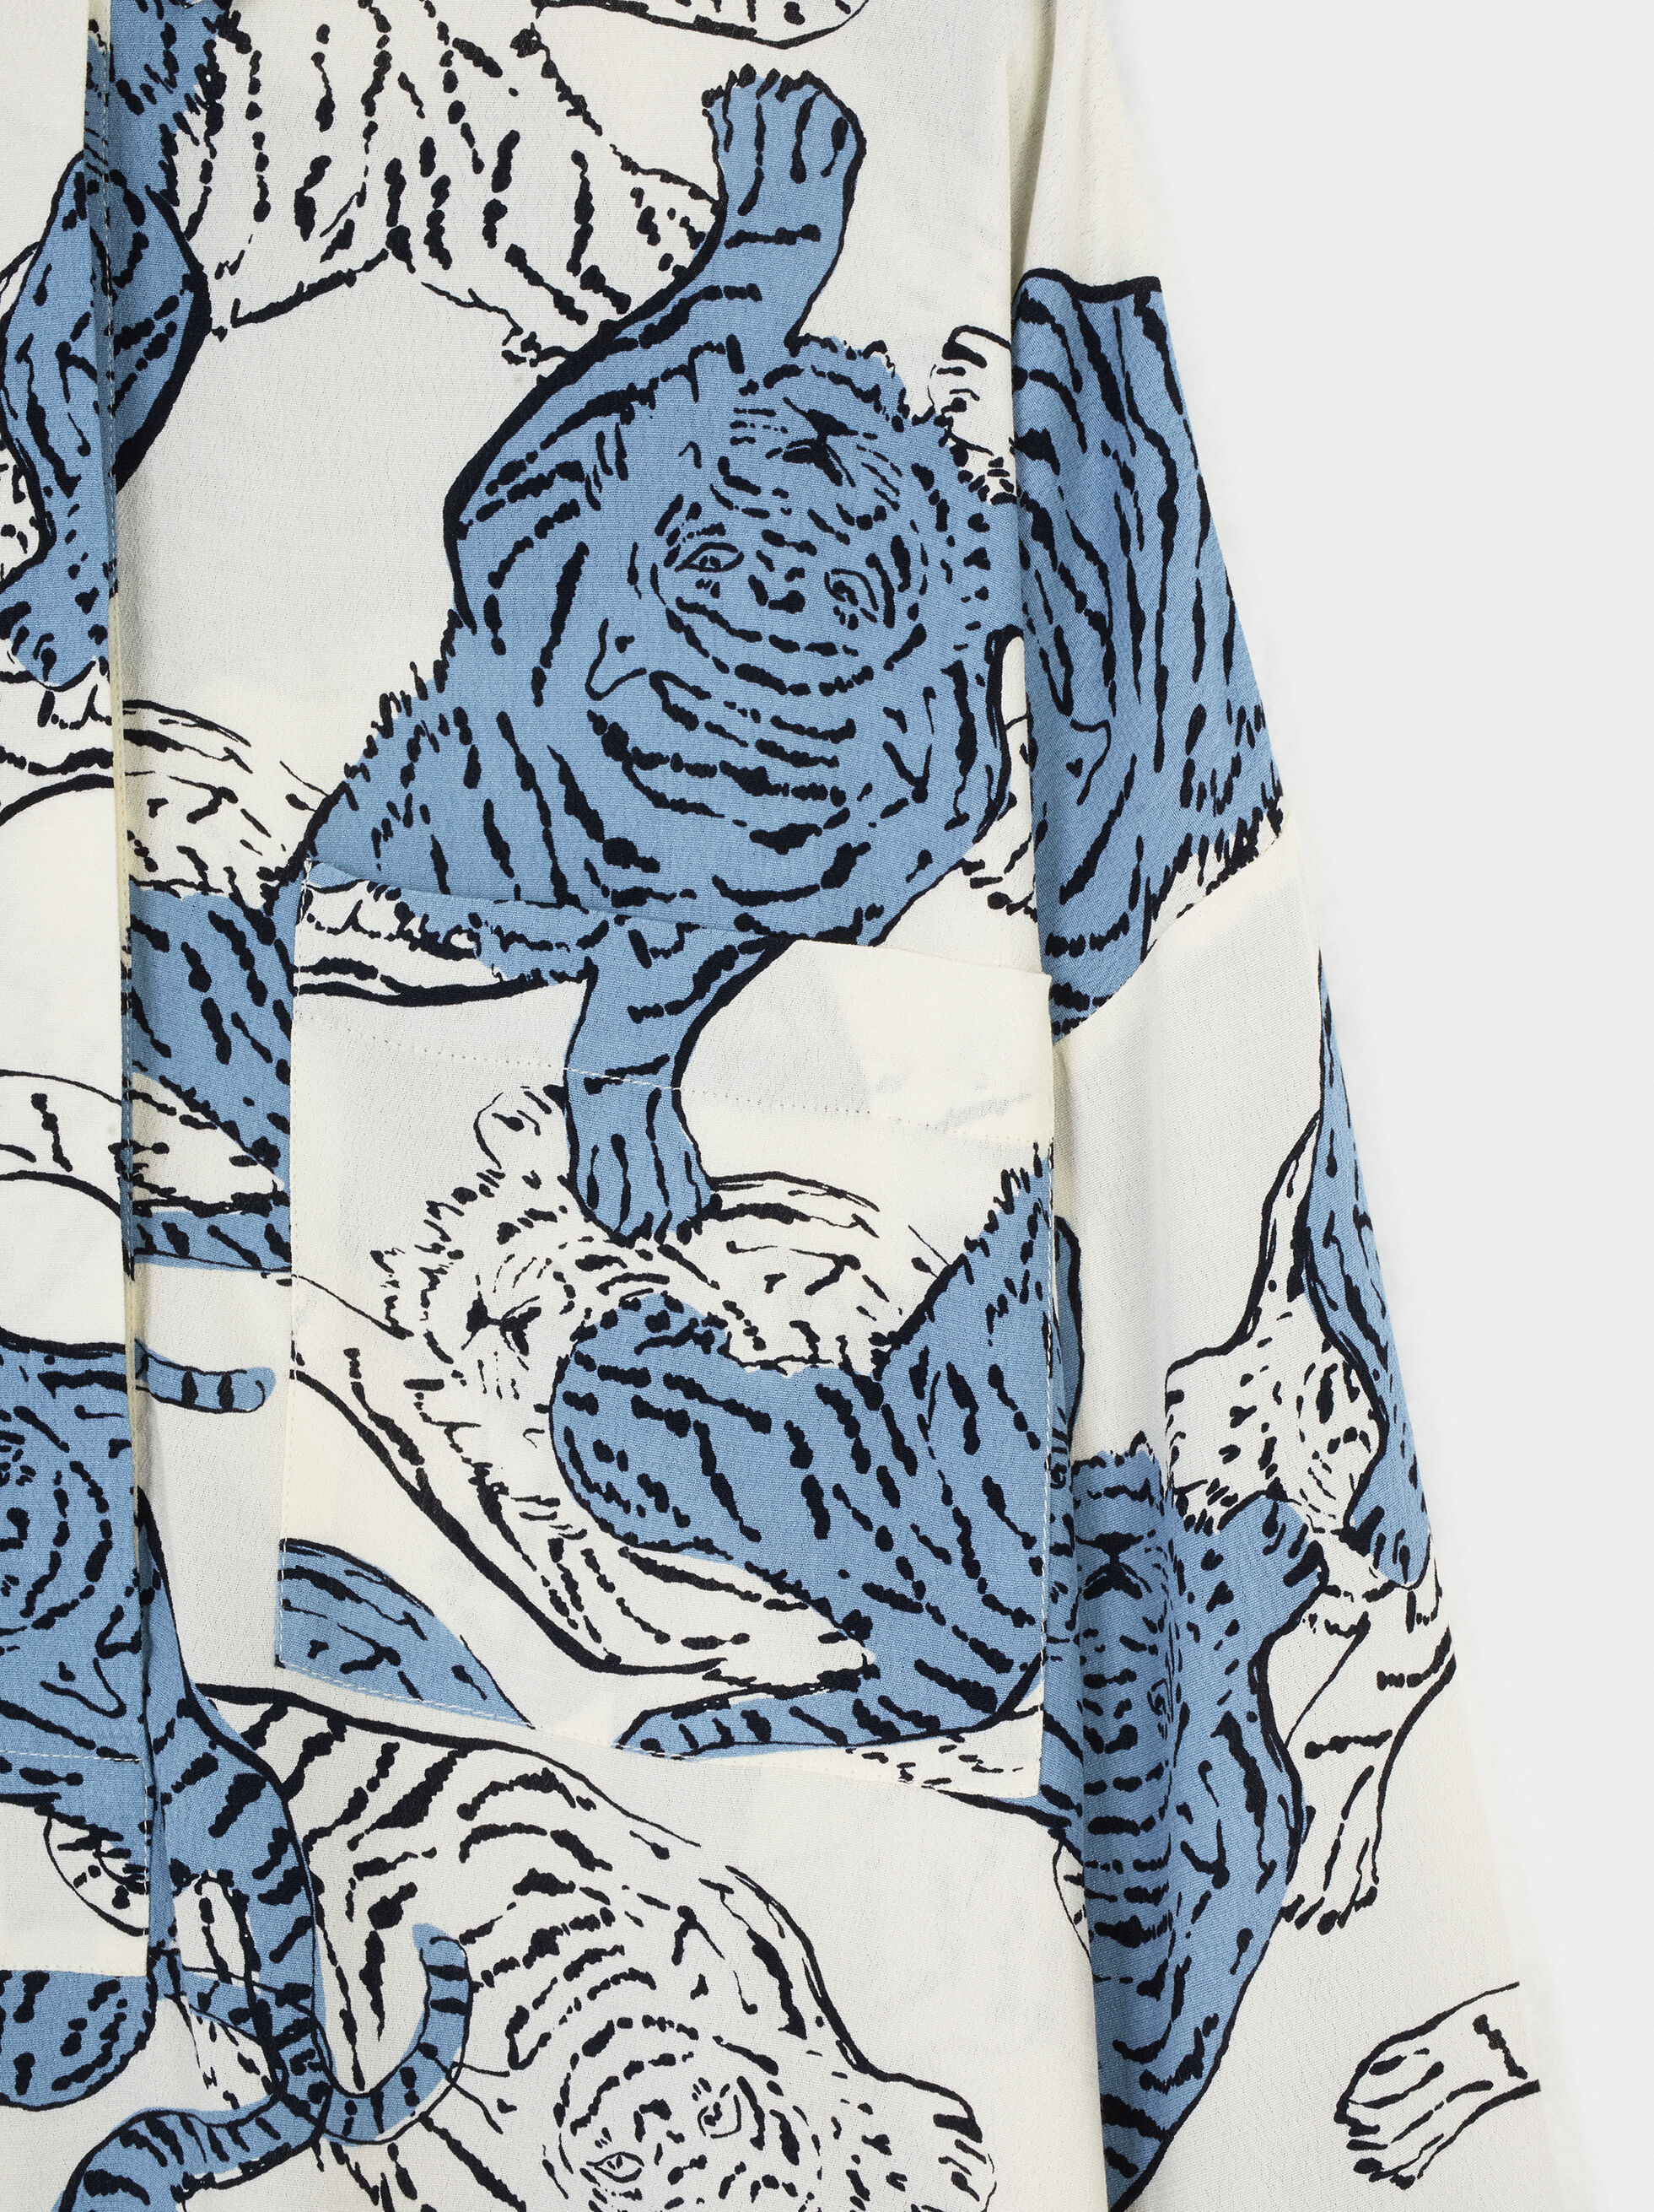 Flowing Animal Print Shirt, White, hi-res